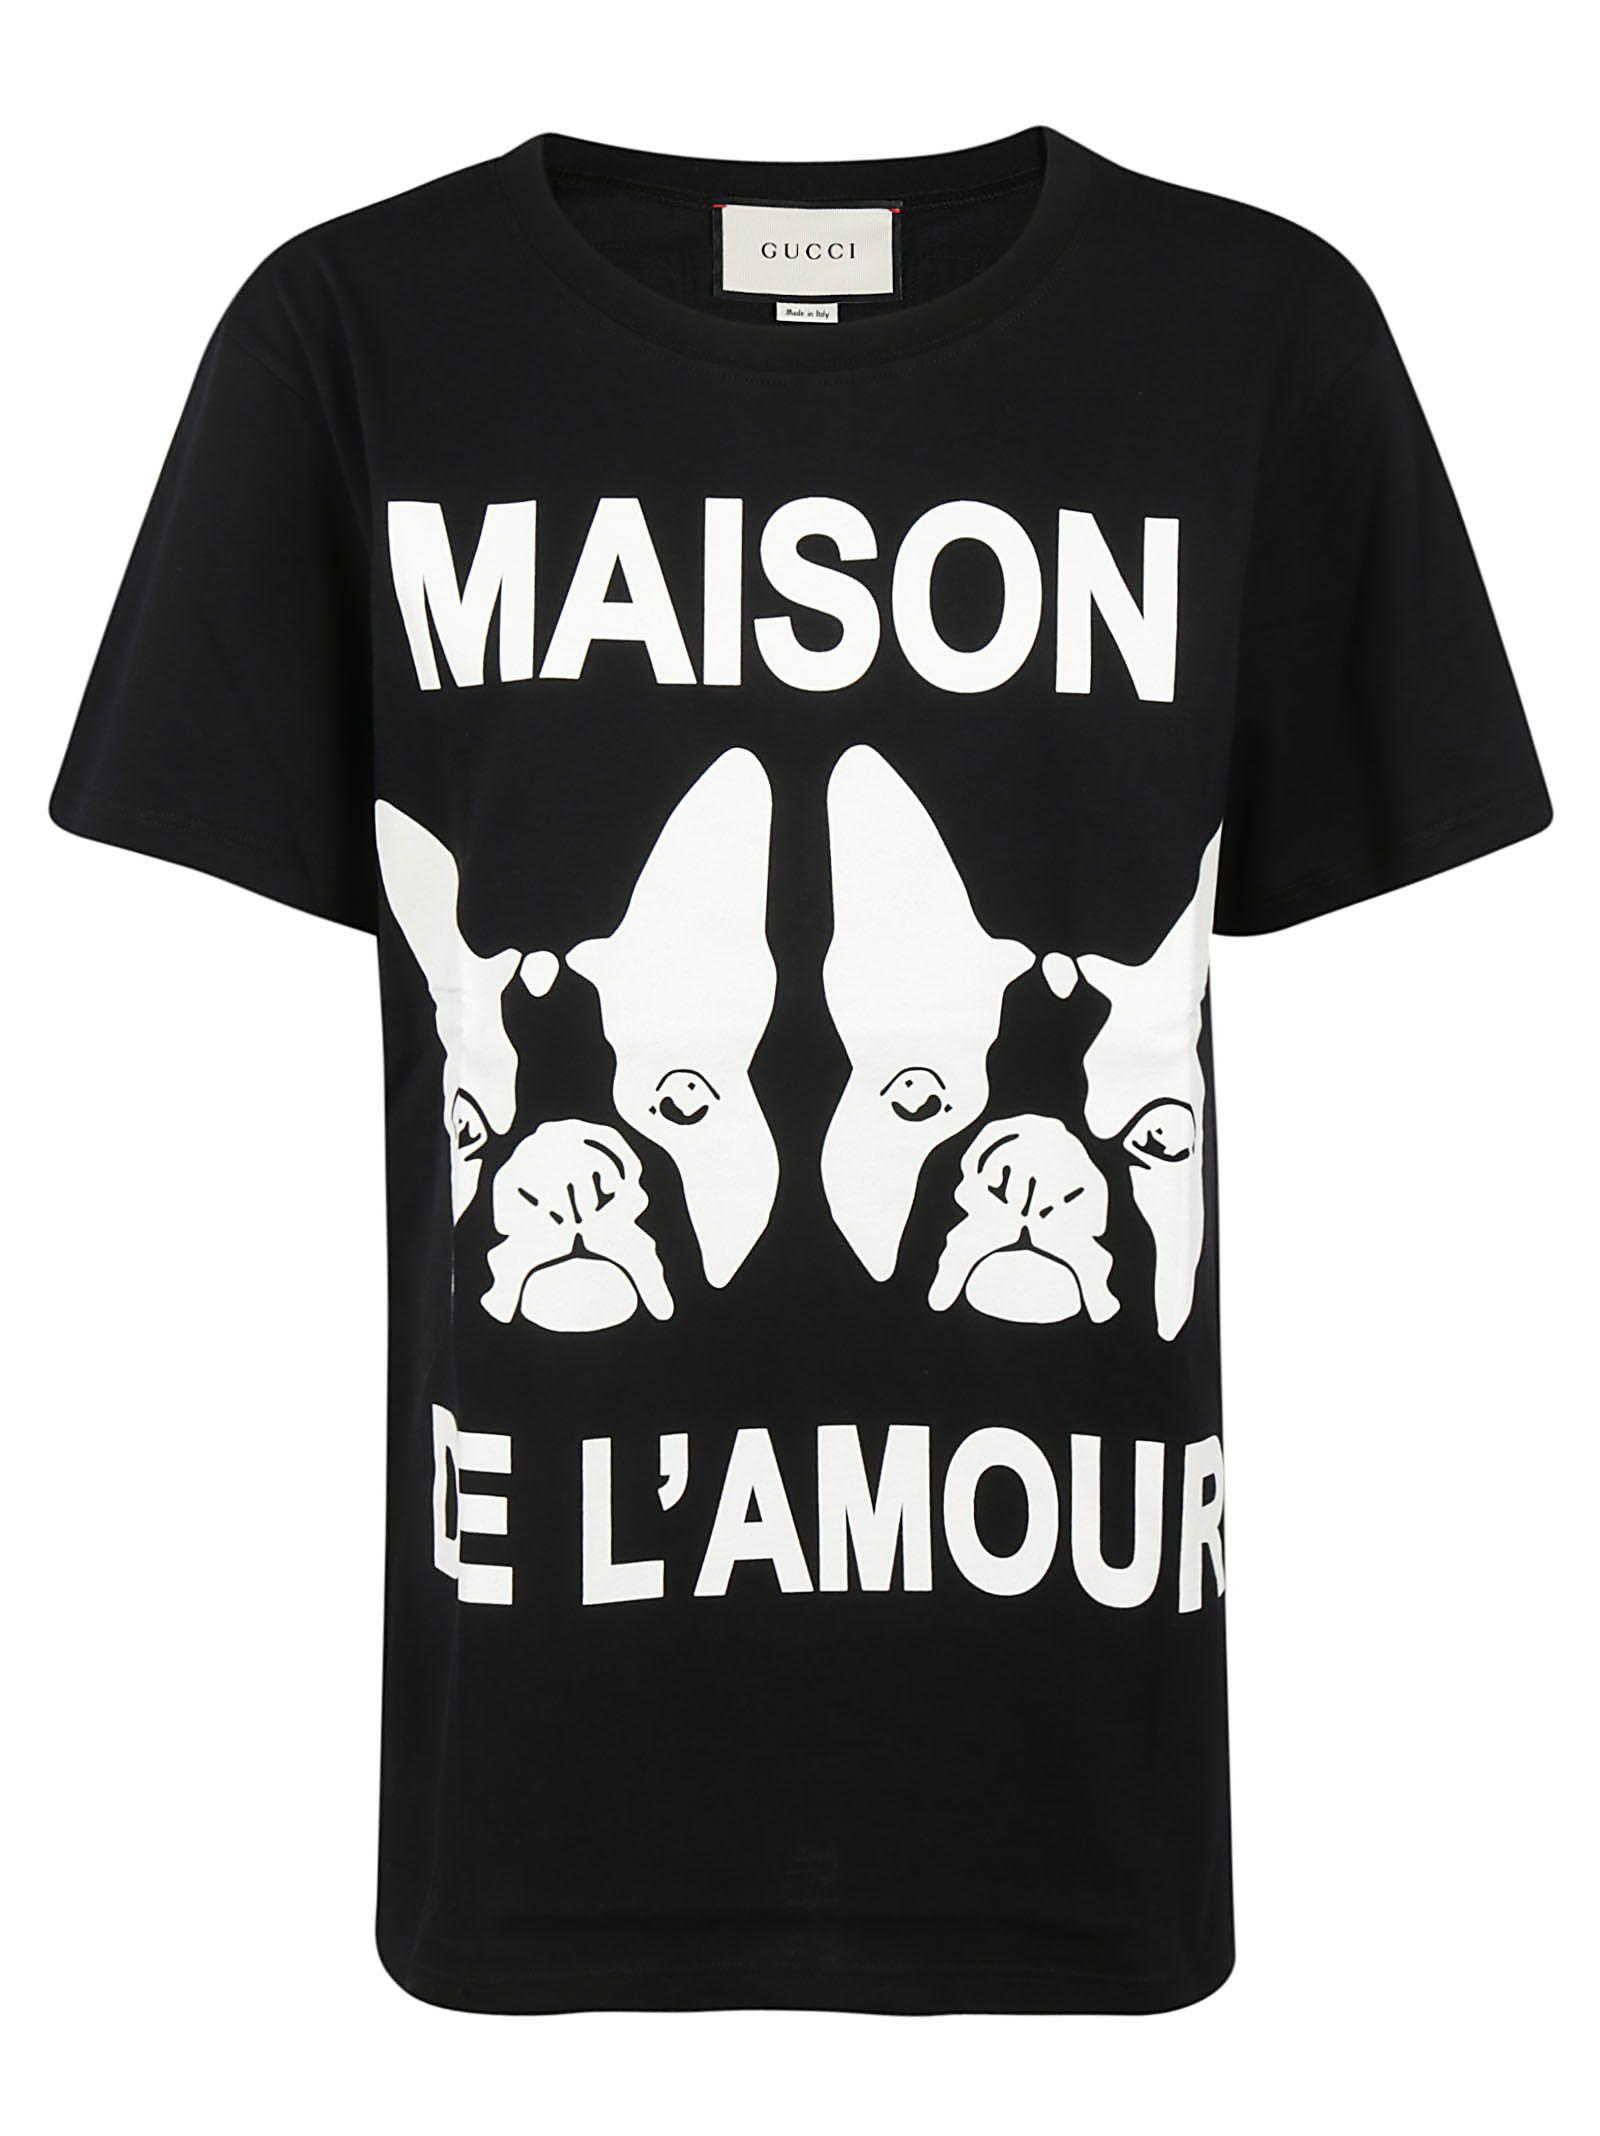 c3b03dccb Gucci Maison De L'Amour Cotton Jersey T-Shirt In Black | ModeSens